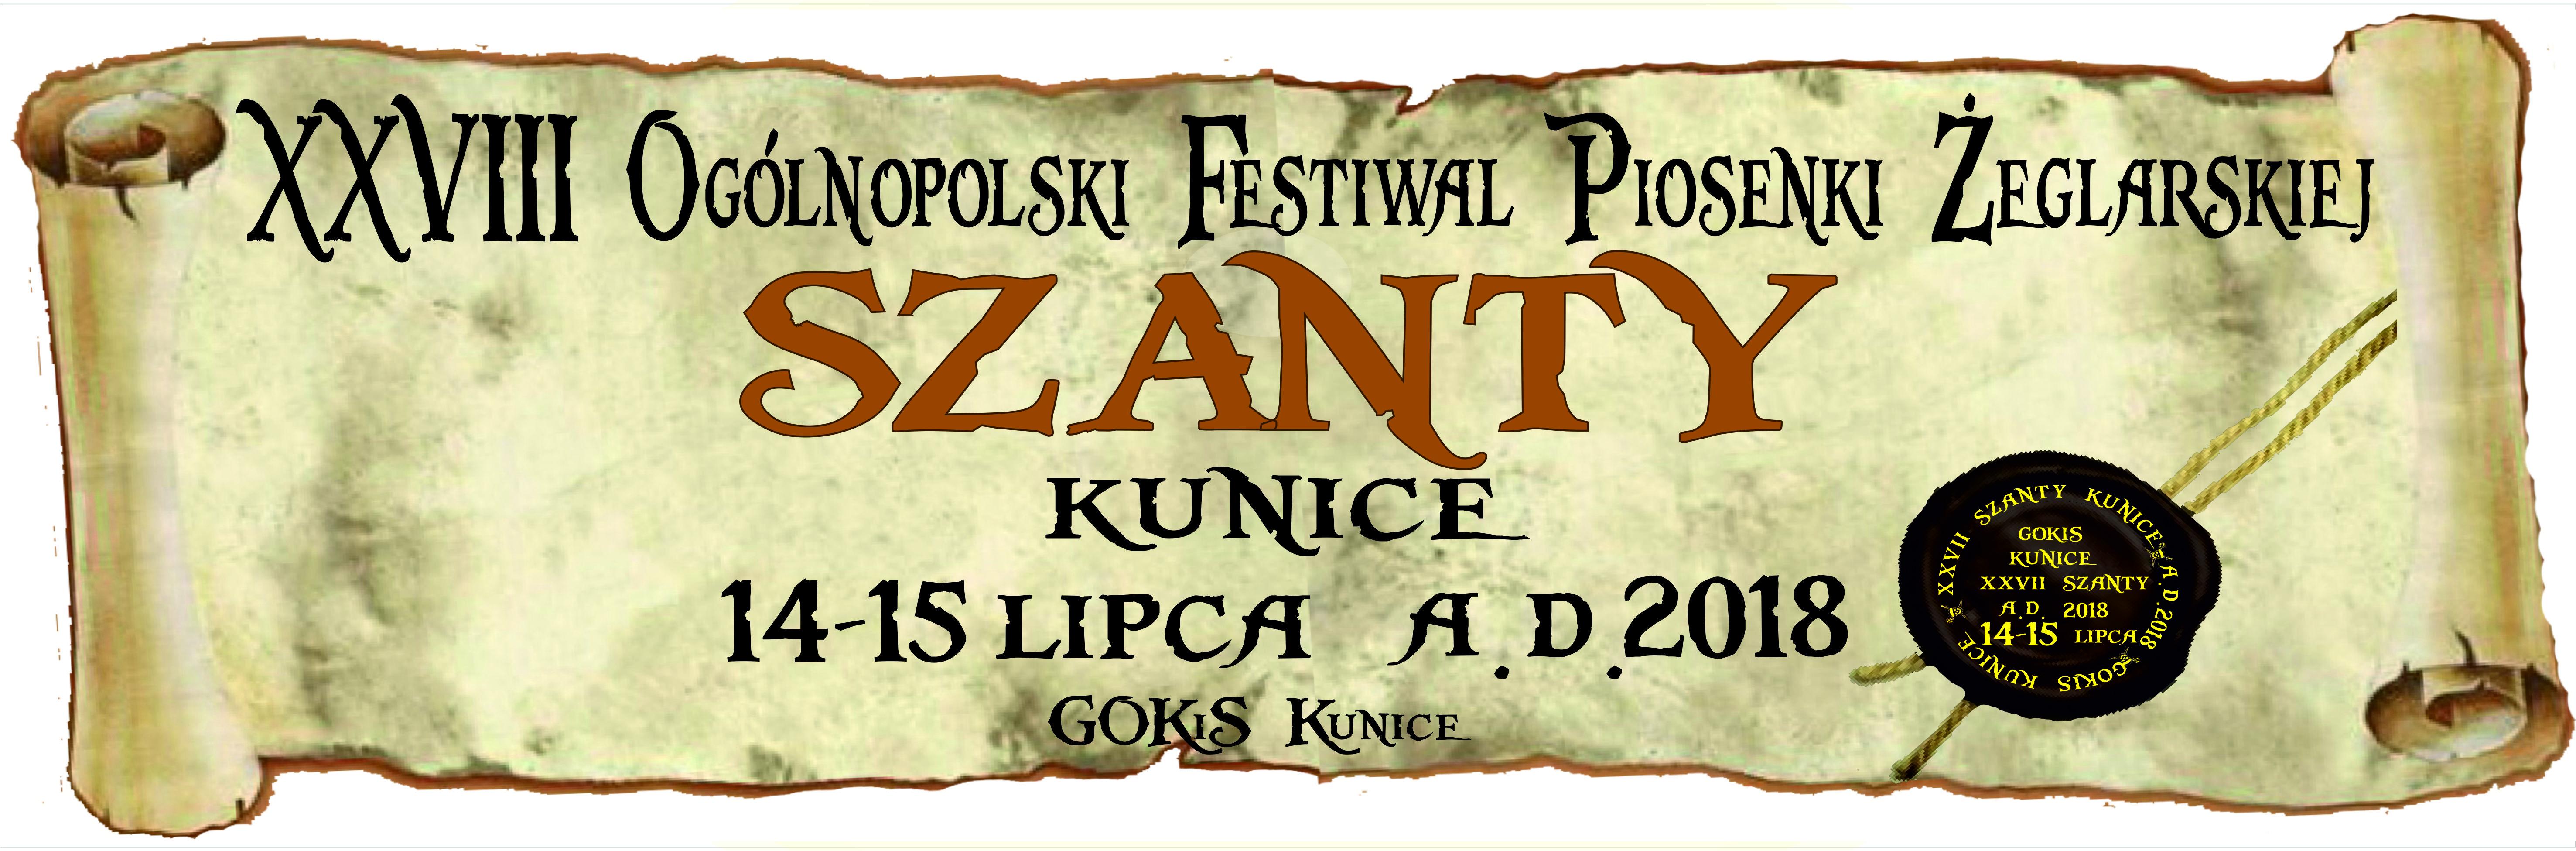 http://www.gokis-kunice.pl/imprezy/szanty